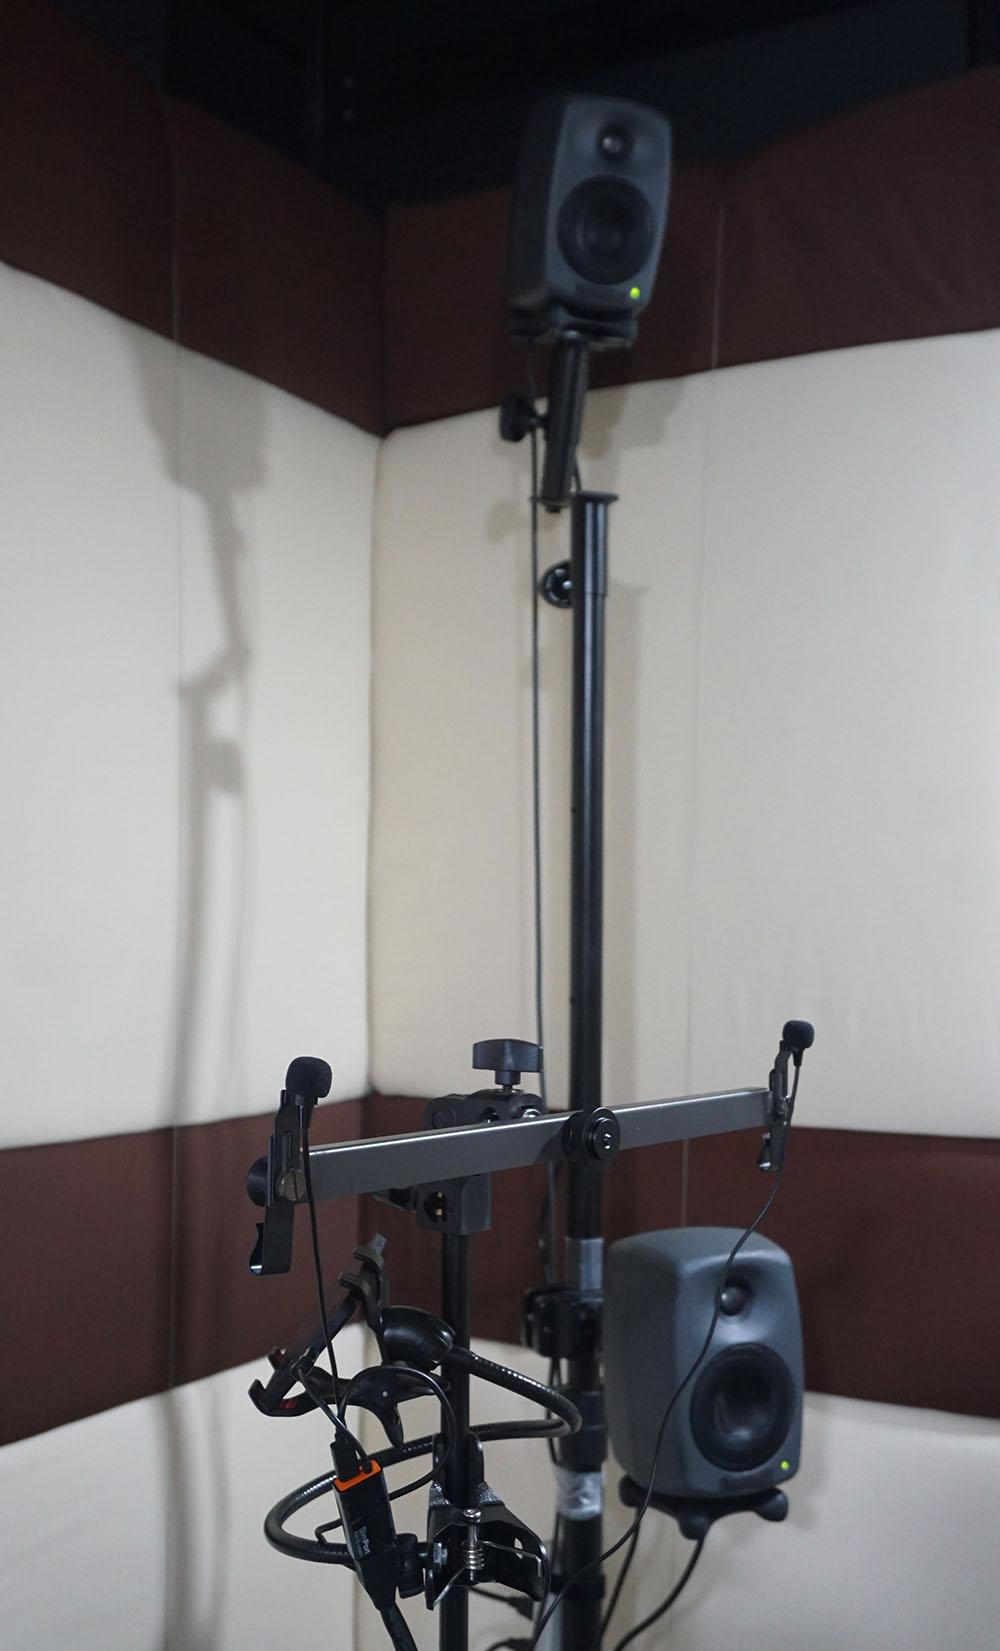 画像: 会場にはアクティブスピーカーを使った2.0.4システムが設置され、マルチチャンネルのシミュレーション体験も可能だった